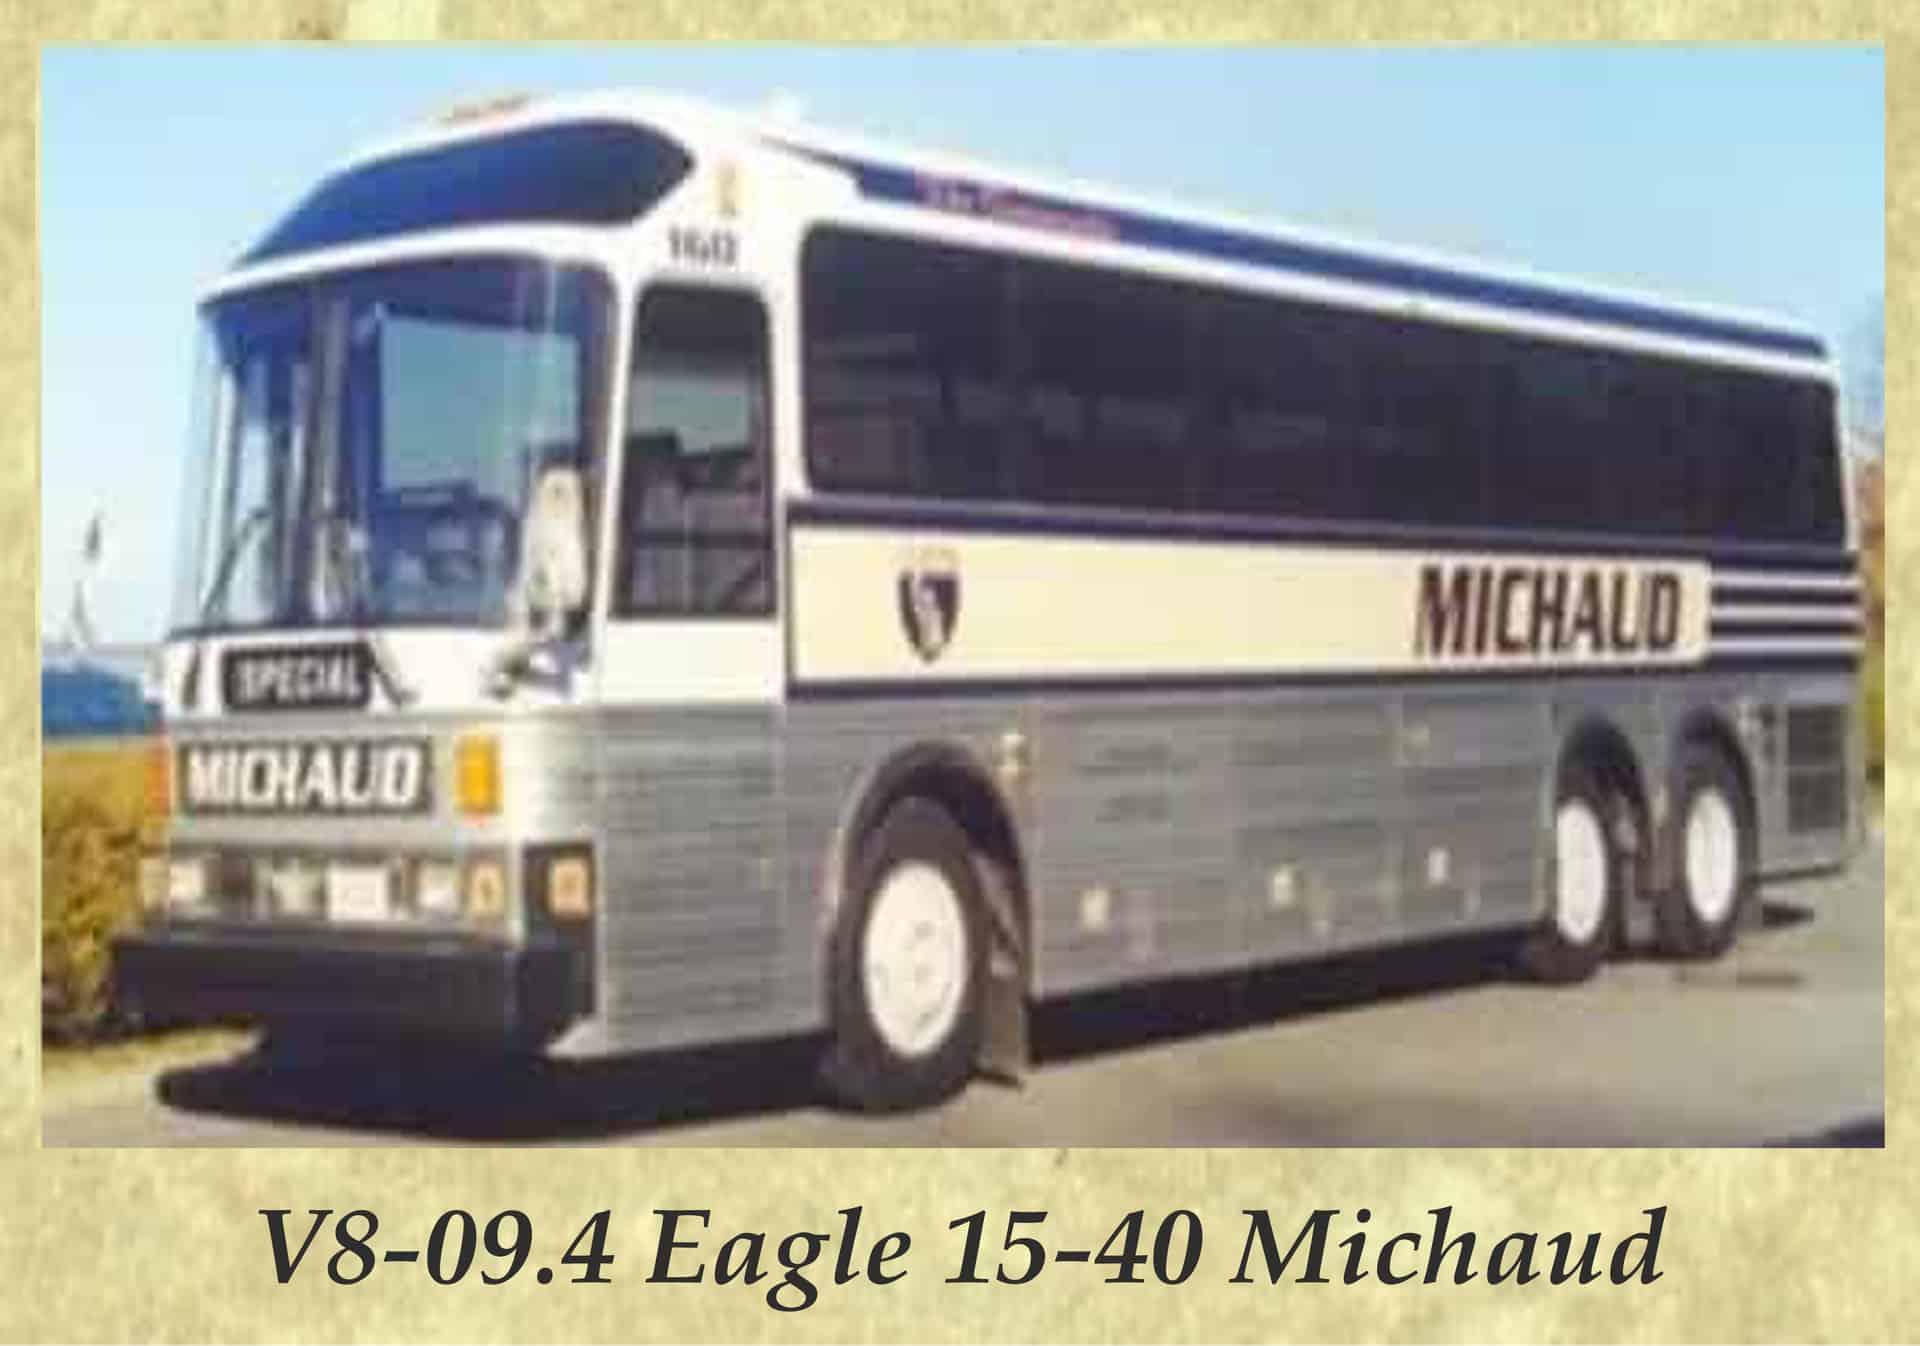 V8-09.4 Eagle 15-40 Michaud